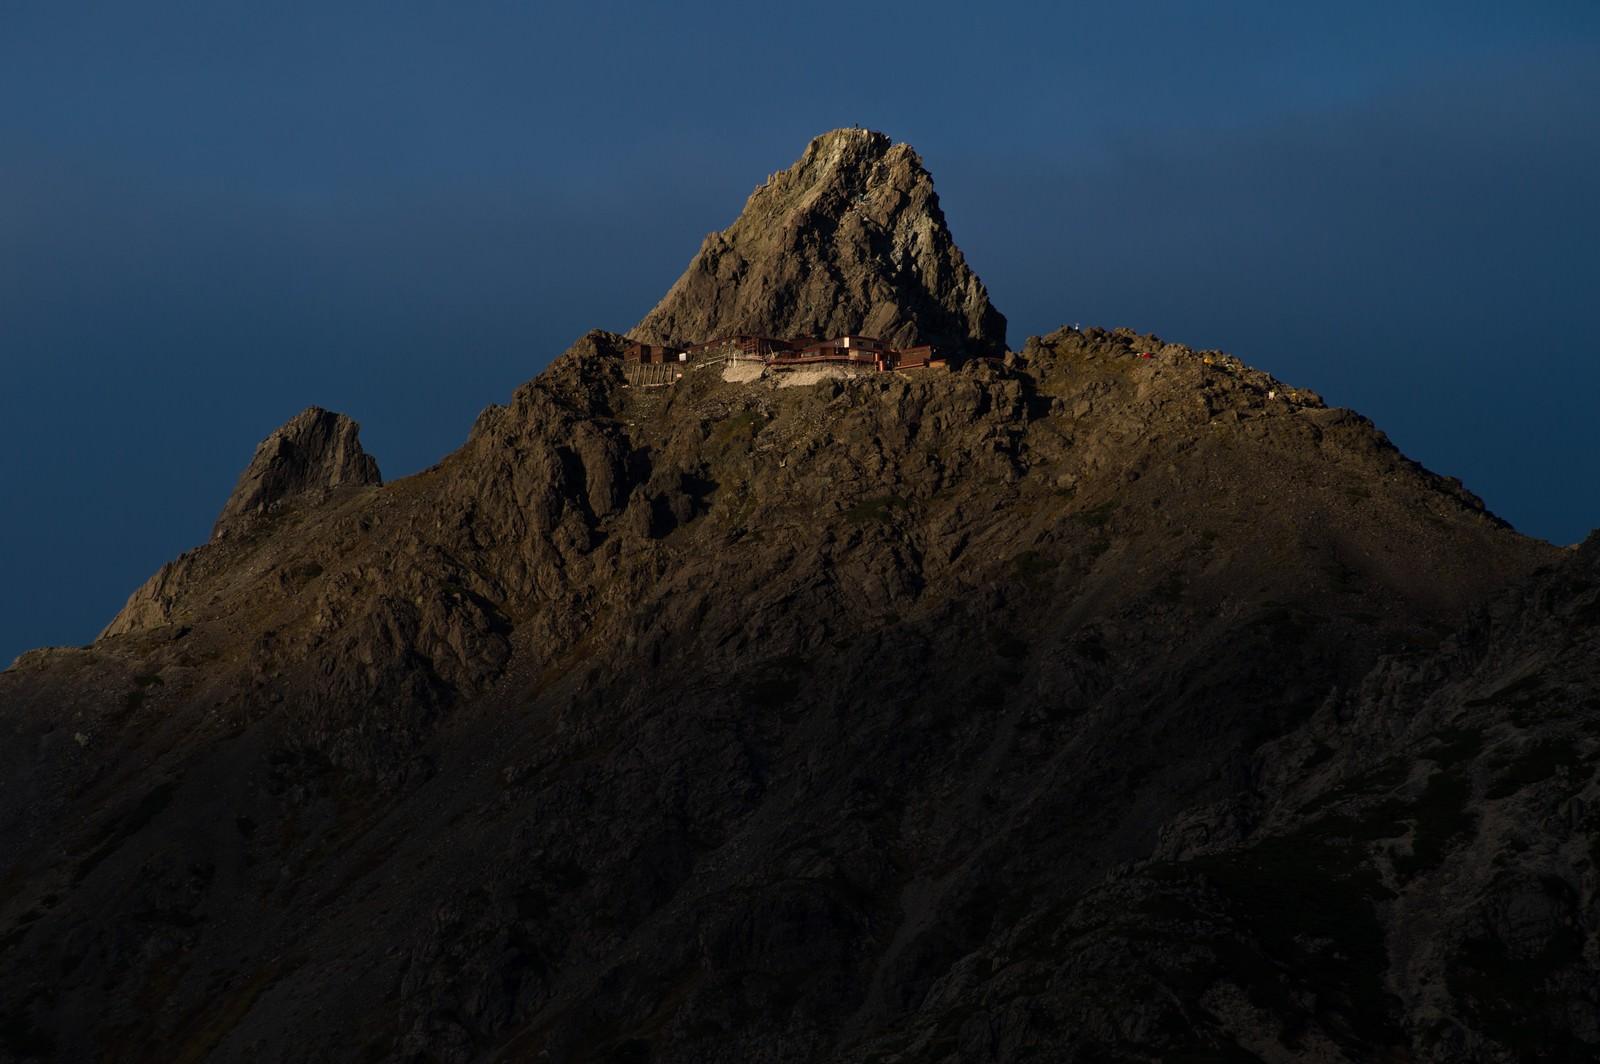 「標高3000mにある北アルプスの槍ヶ岳山荘標高3000mにある北アルプスの槍ヶ岳山荘」のフリー写真素材を拡大